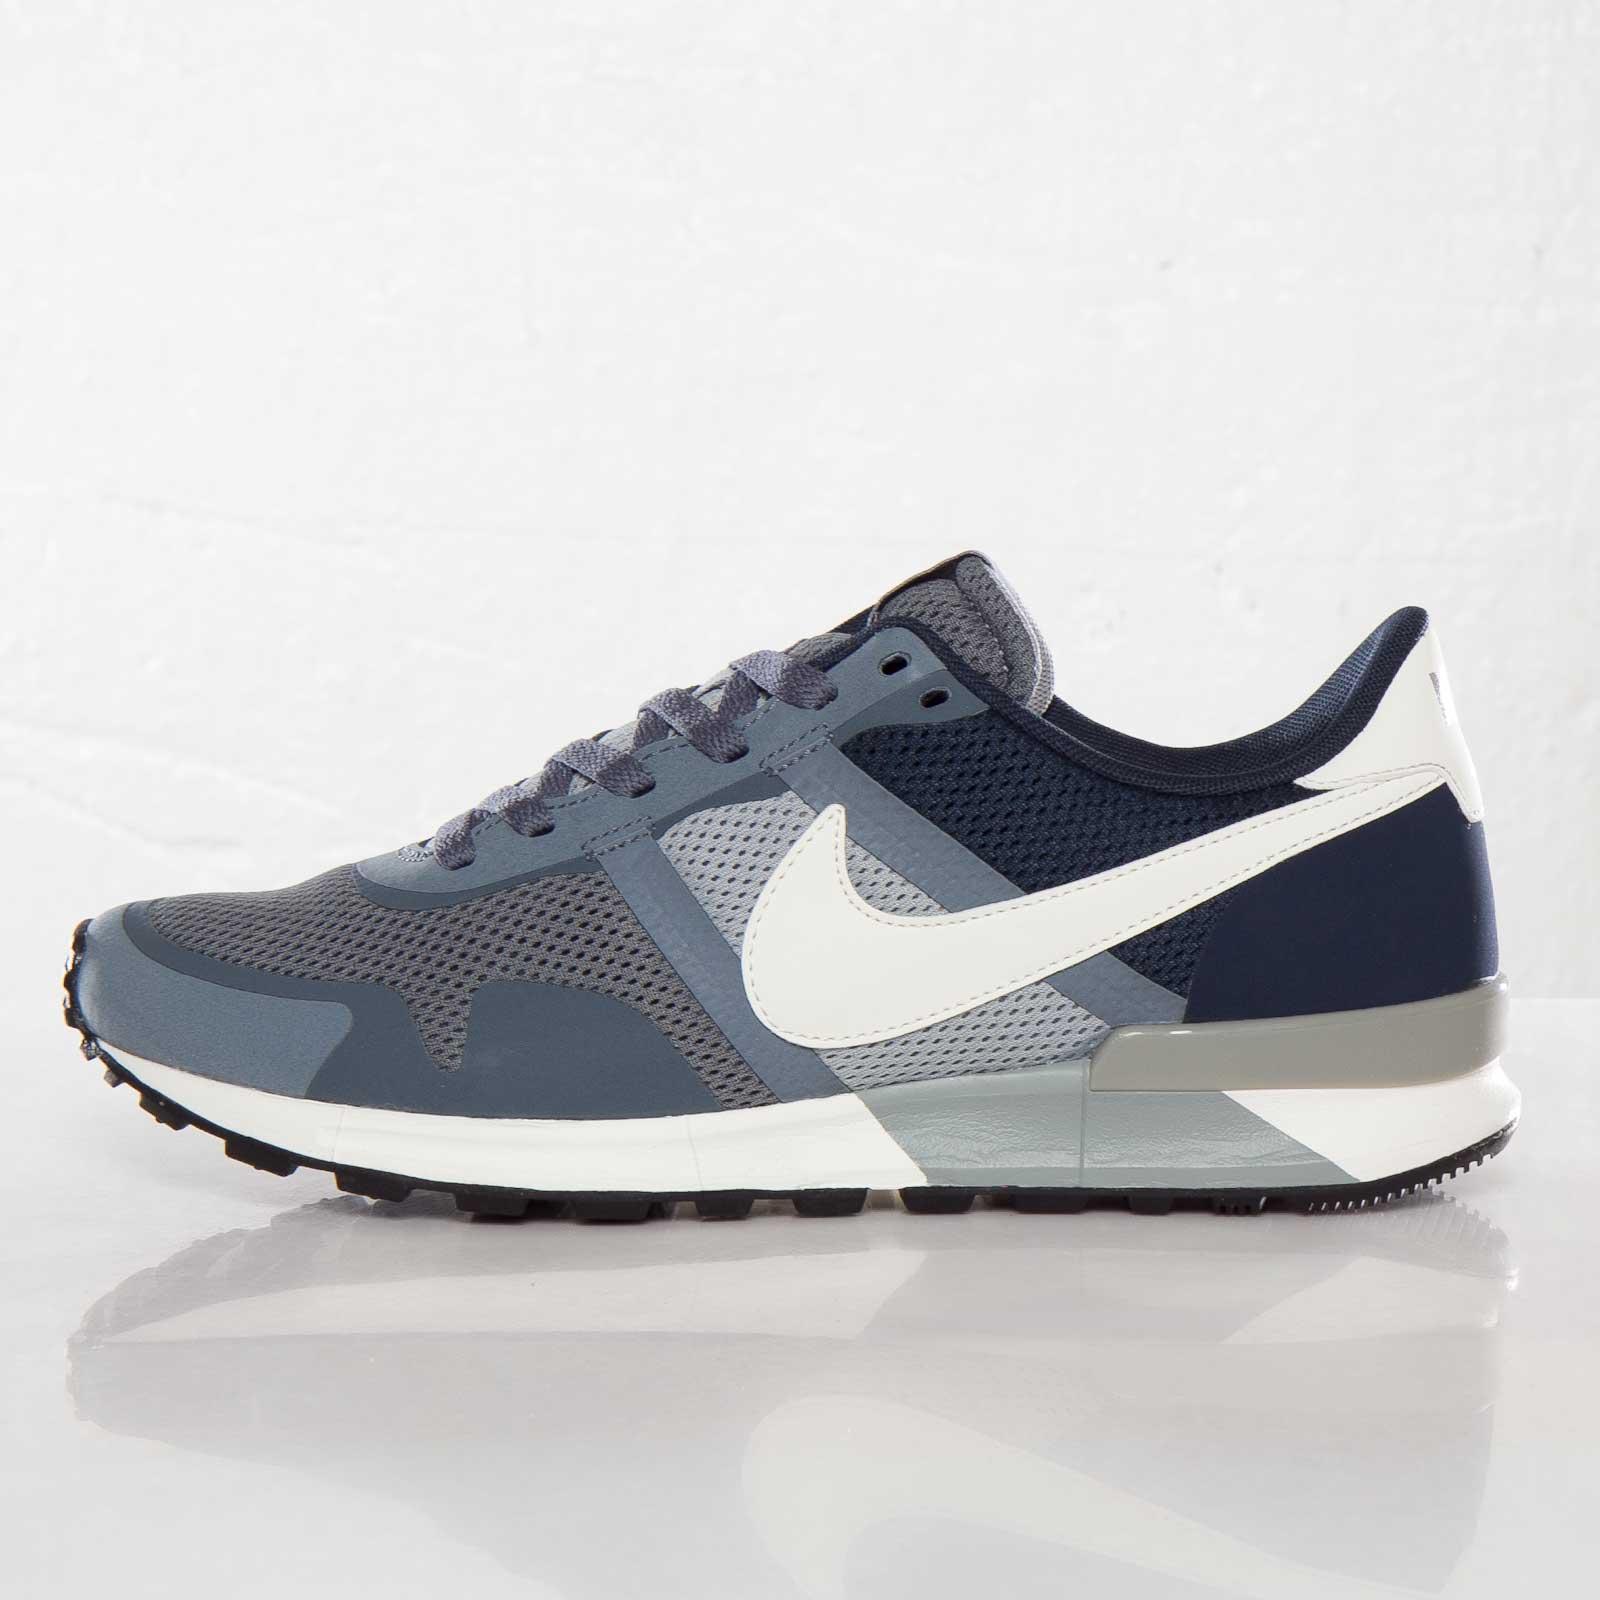 Escuela de posgrado palma Oscurecer  Nike Air Pegasus 83/30 - 599482-410 - Sneakersnstuff | sneakers &  streetwear online since 1999